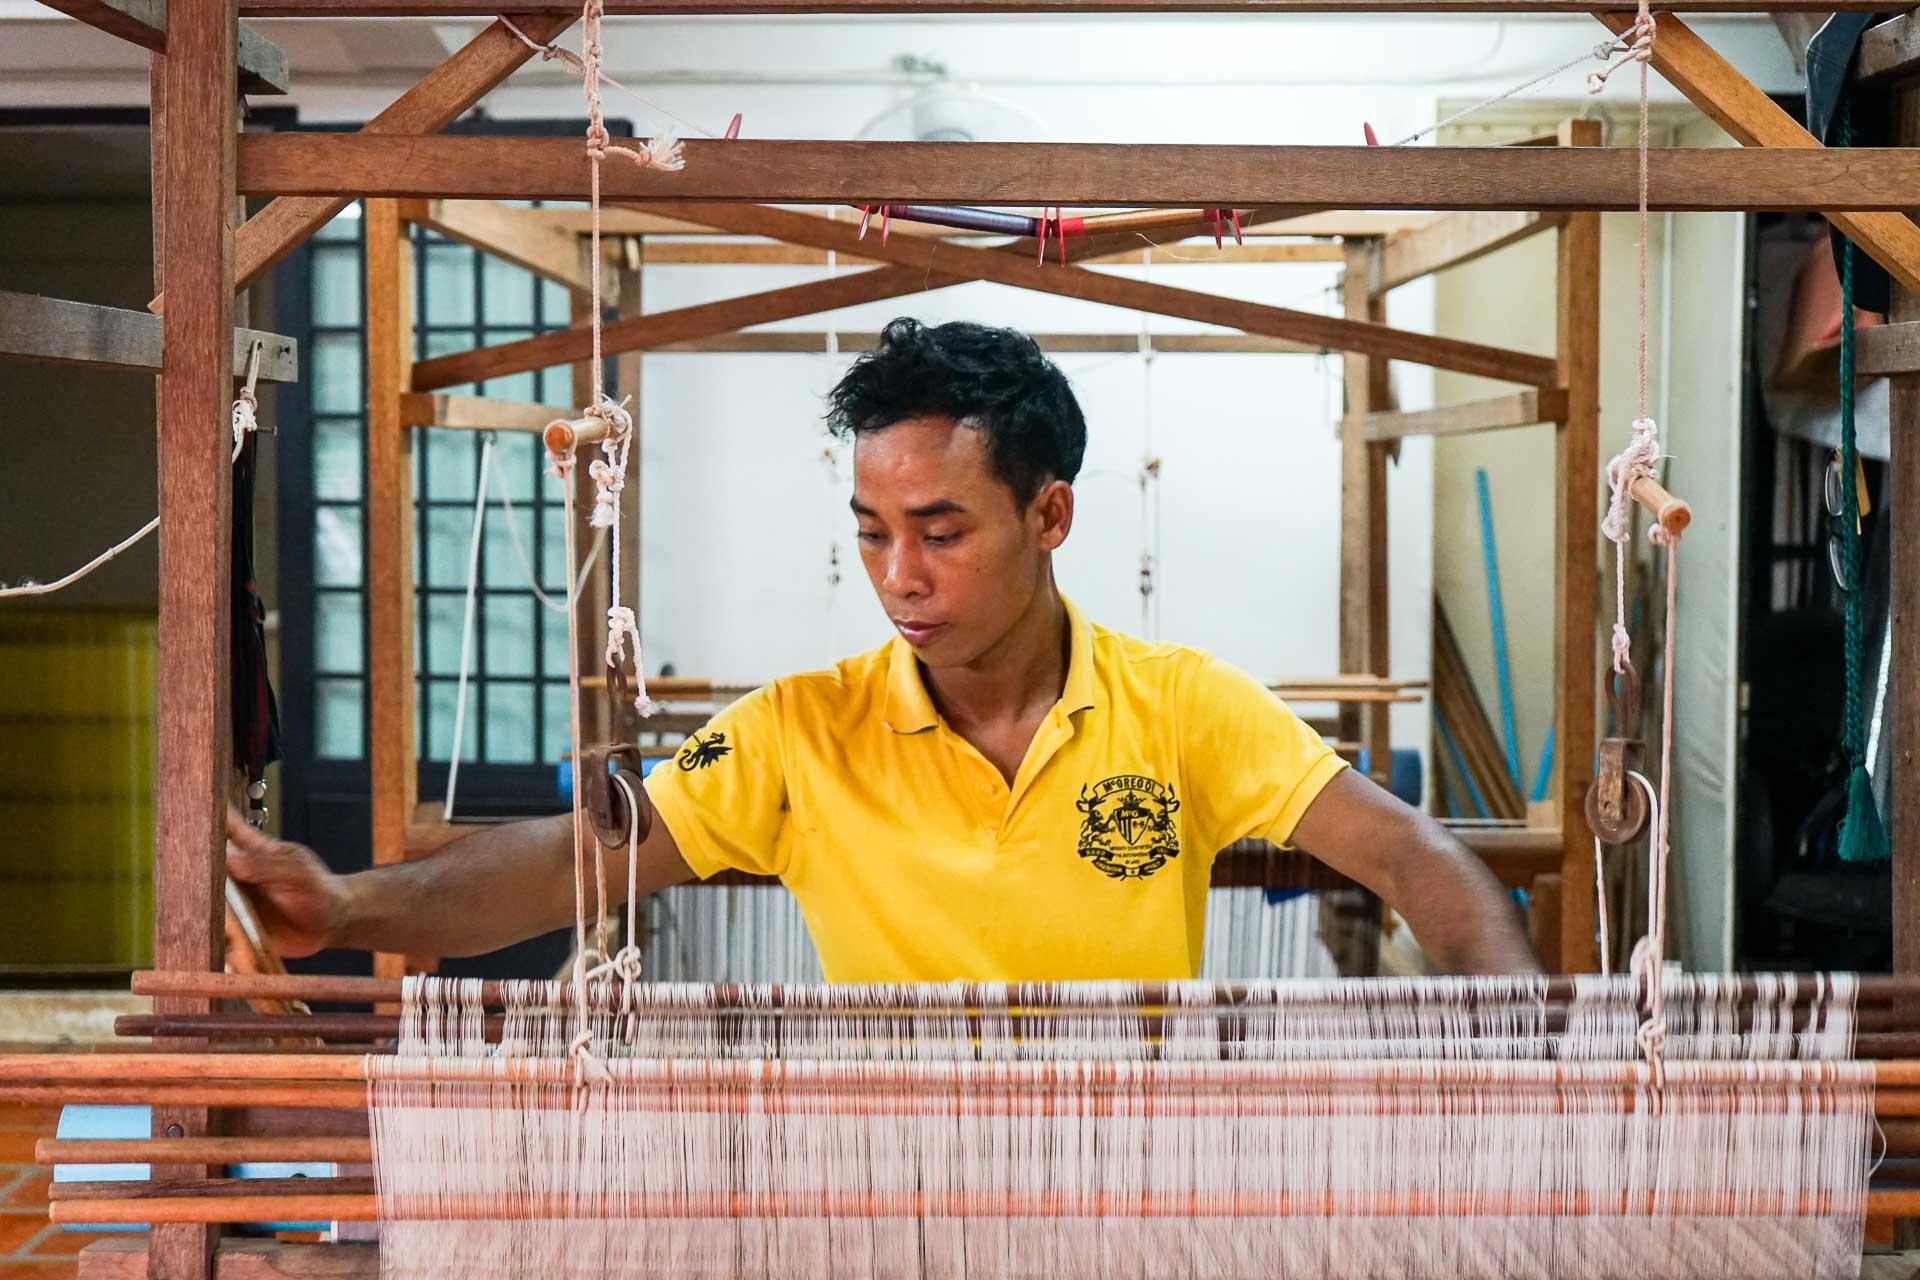 Si Siem Reap est mondialement connue pour sa proximité avec le site archéologique d'Angkor, c'est aussi l'une des villes les plus vivantes du Cambodge. Le créateur de mode Eric Raisina, en fin connaisseur de la destination, nous dévoile ses meilleures adresses : hôtels, restaurants, bars et boutiques à la mode.